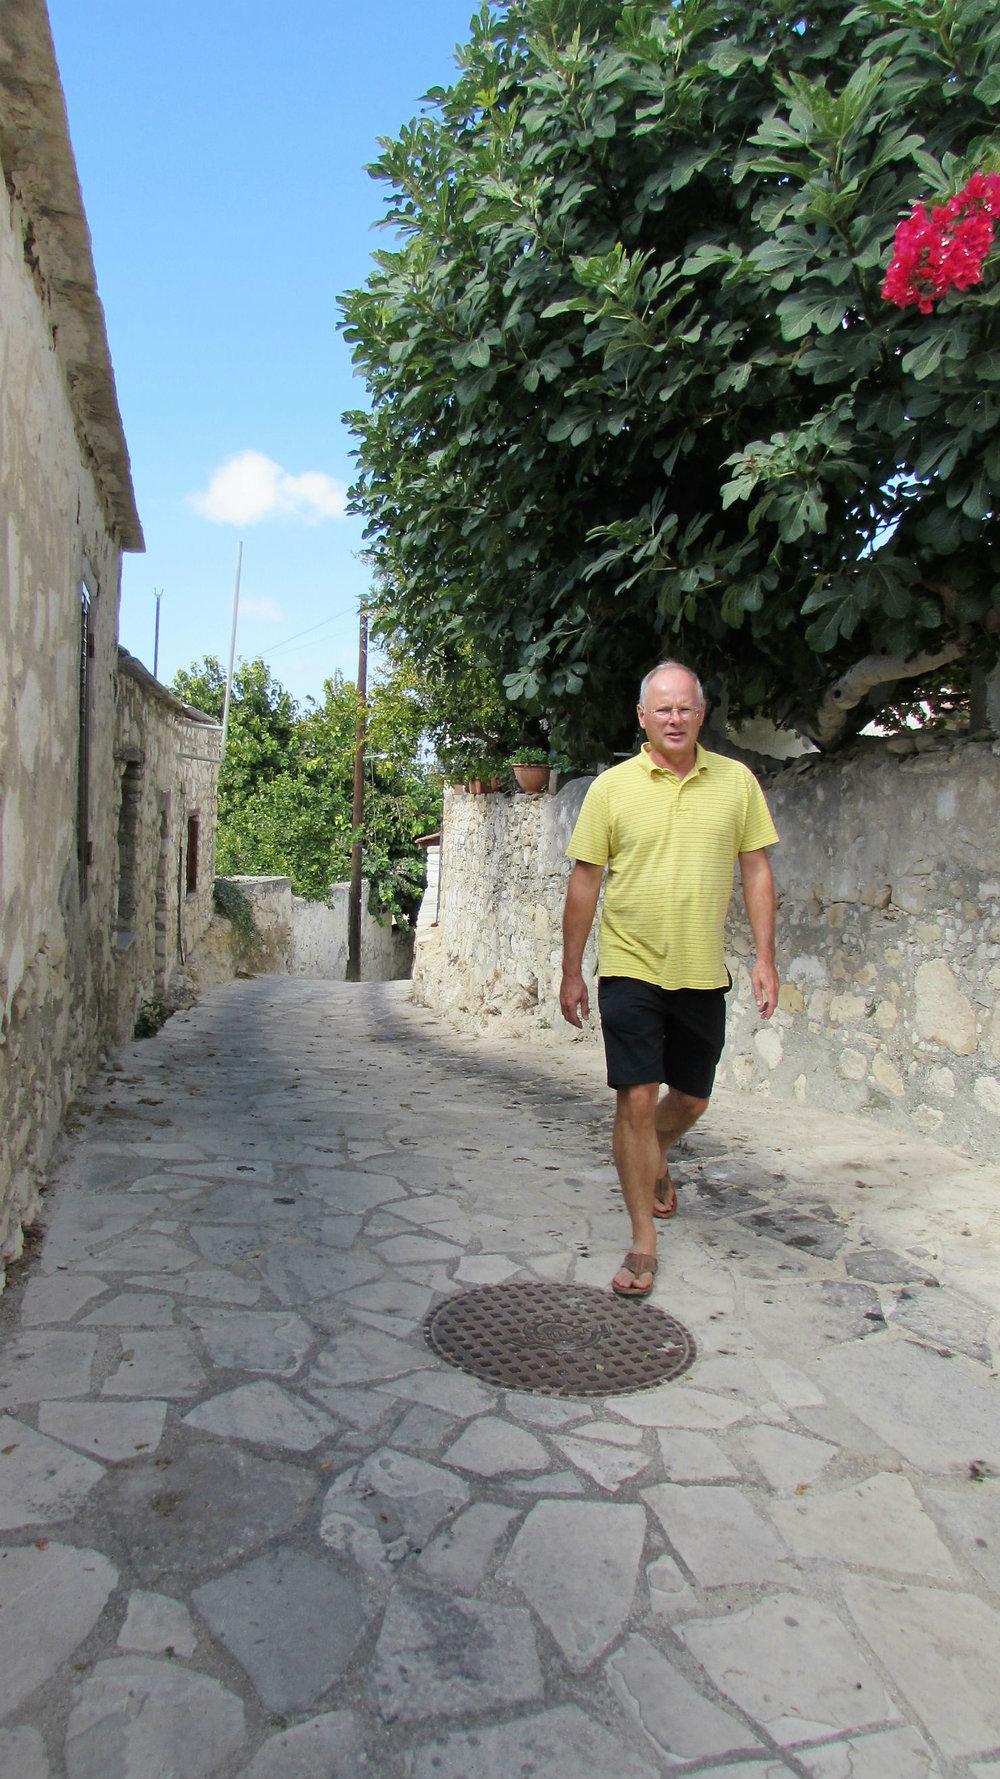 Strolling through Tala village